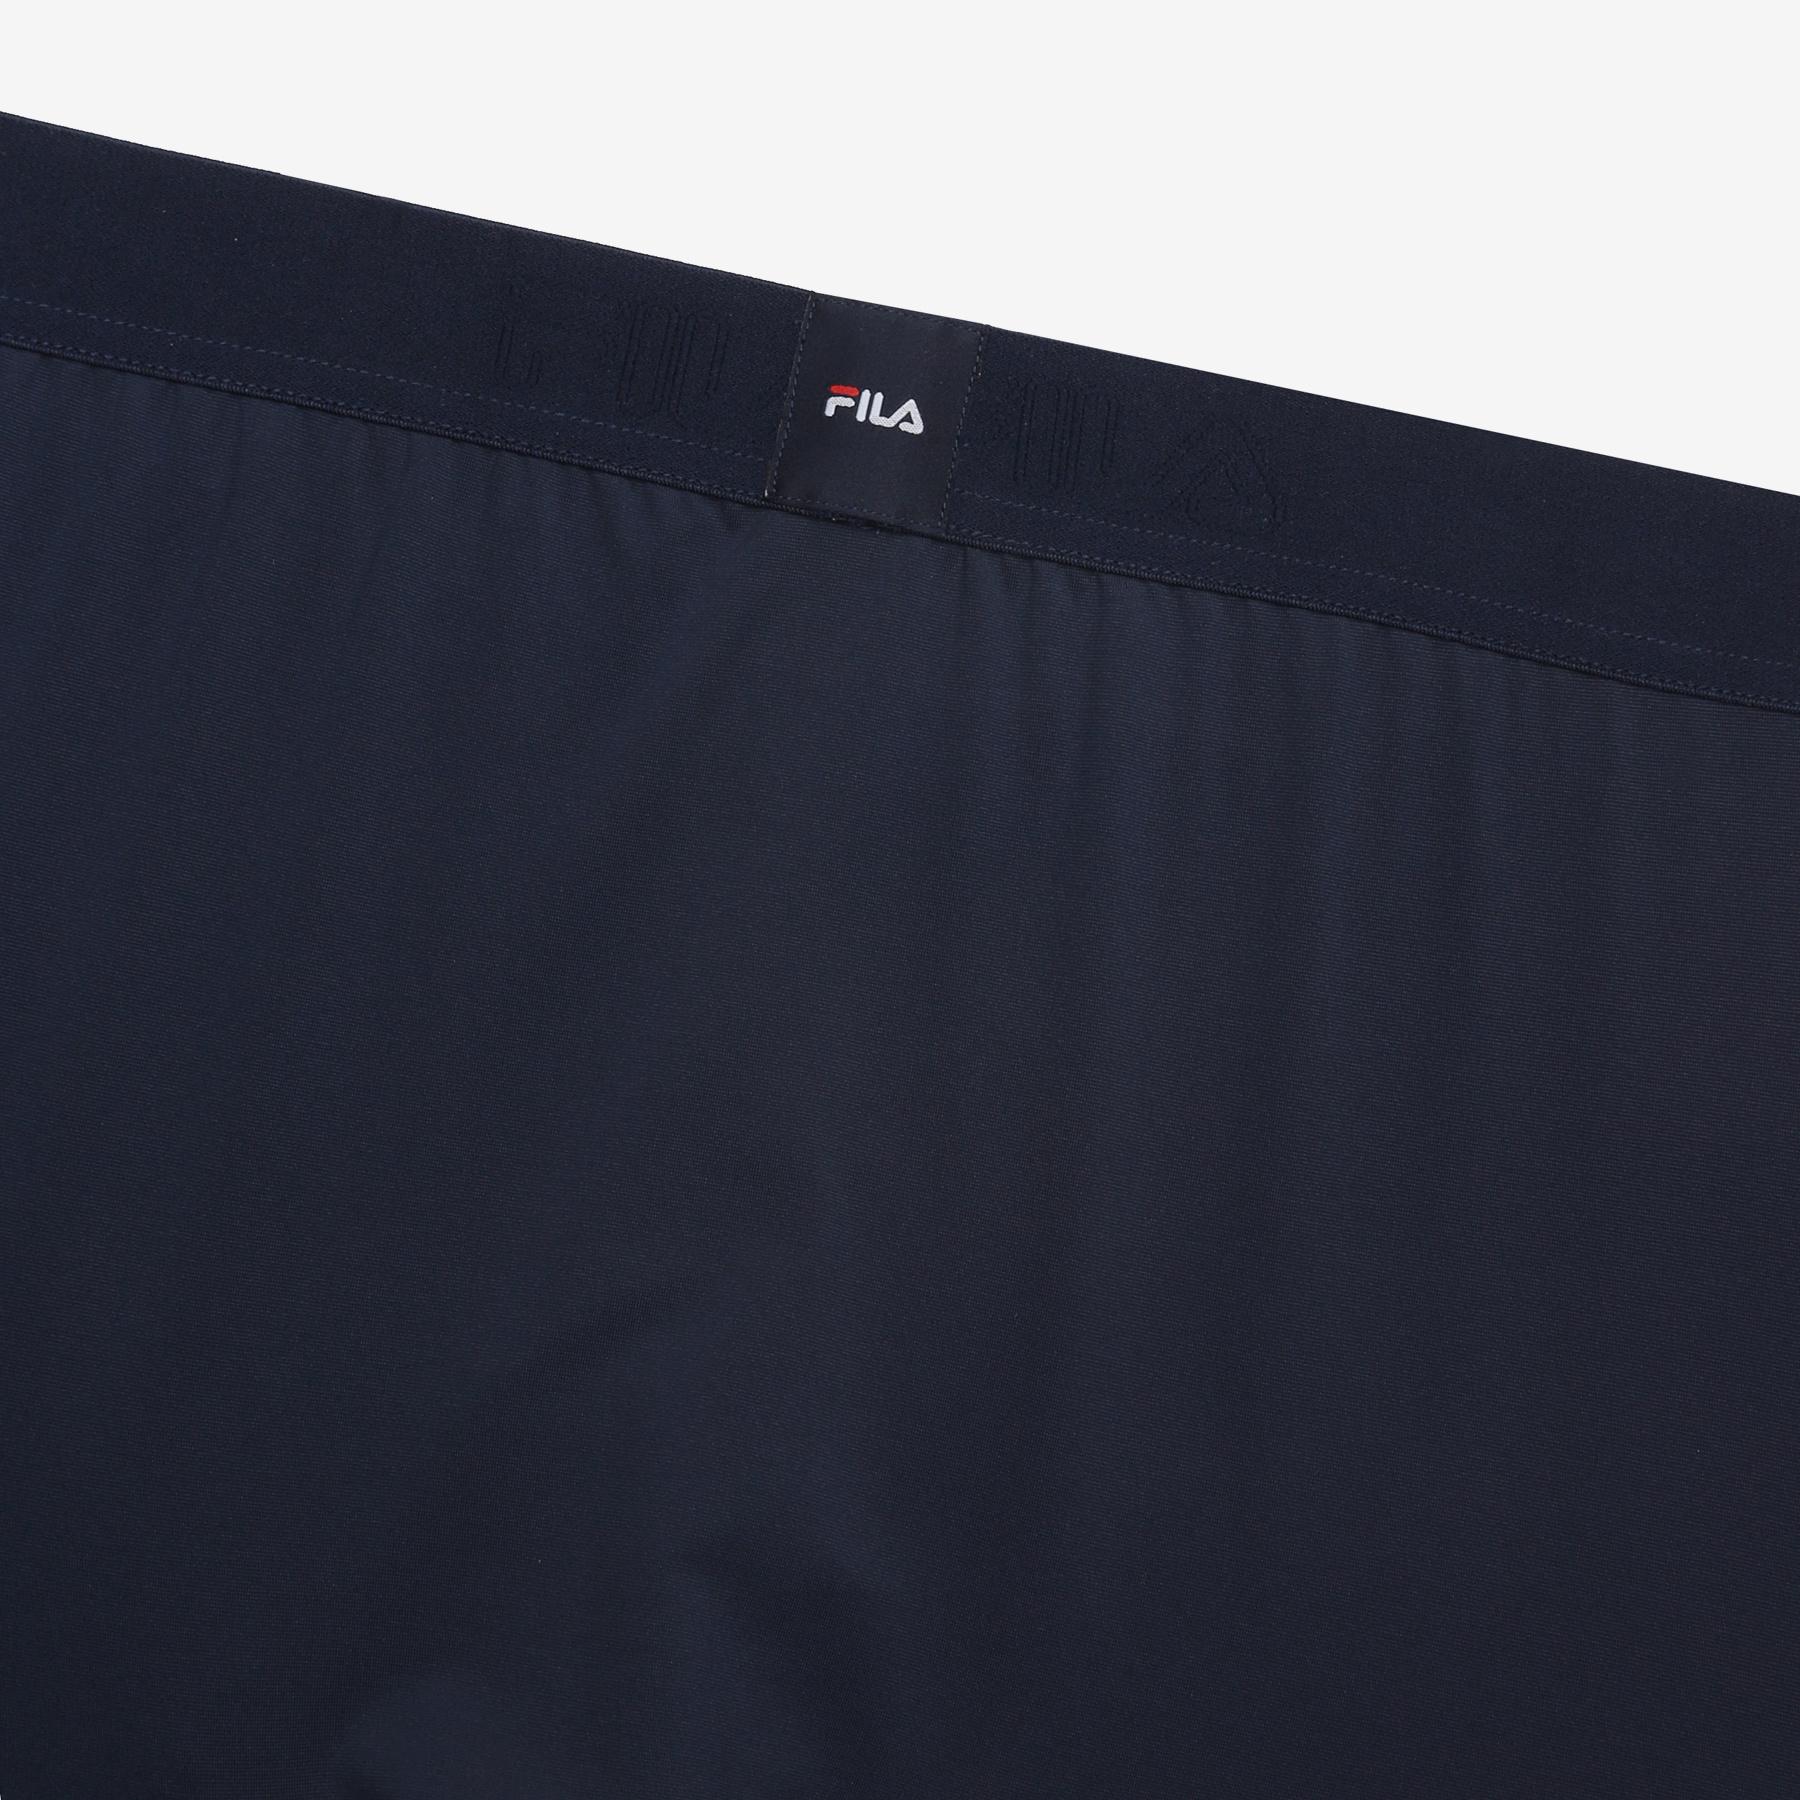 휠라언더웨어(FILA UNDERWEAR) 인핏 남성 드로즈 레드(FI4DRC6411MDRD)